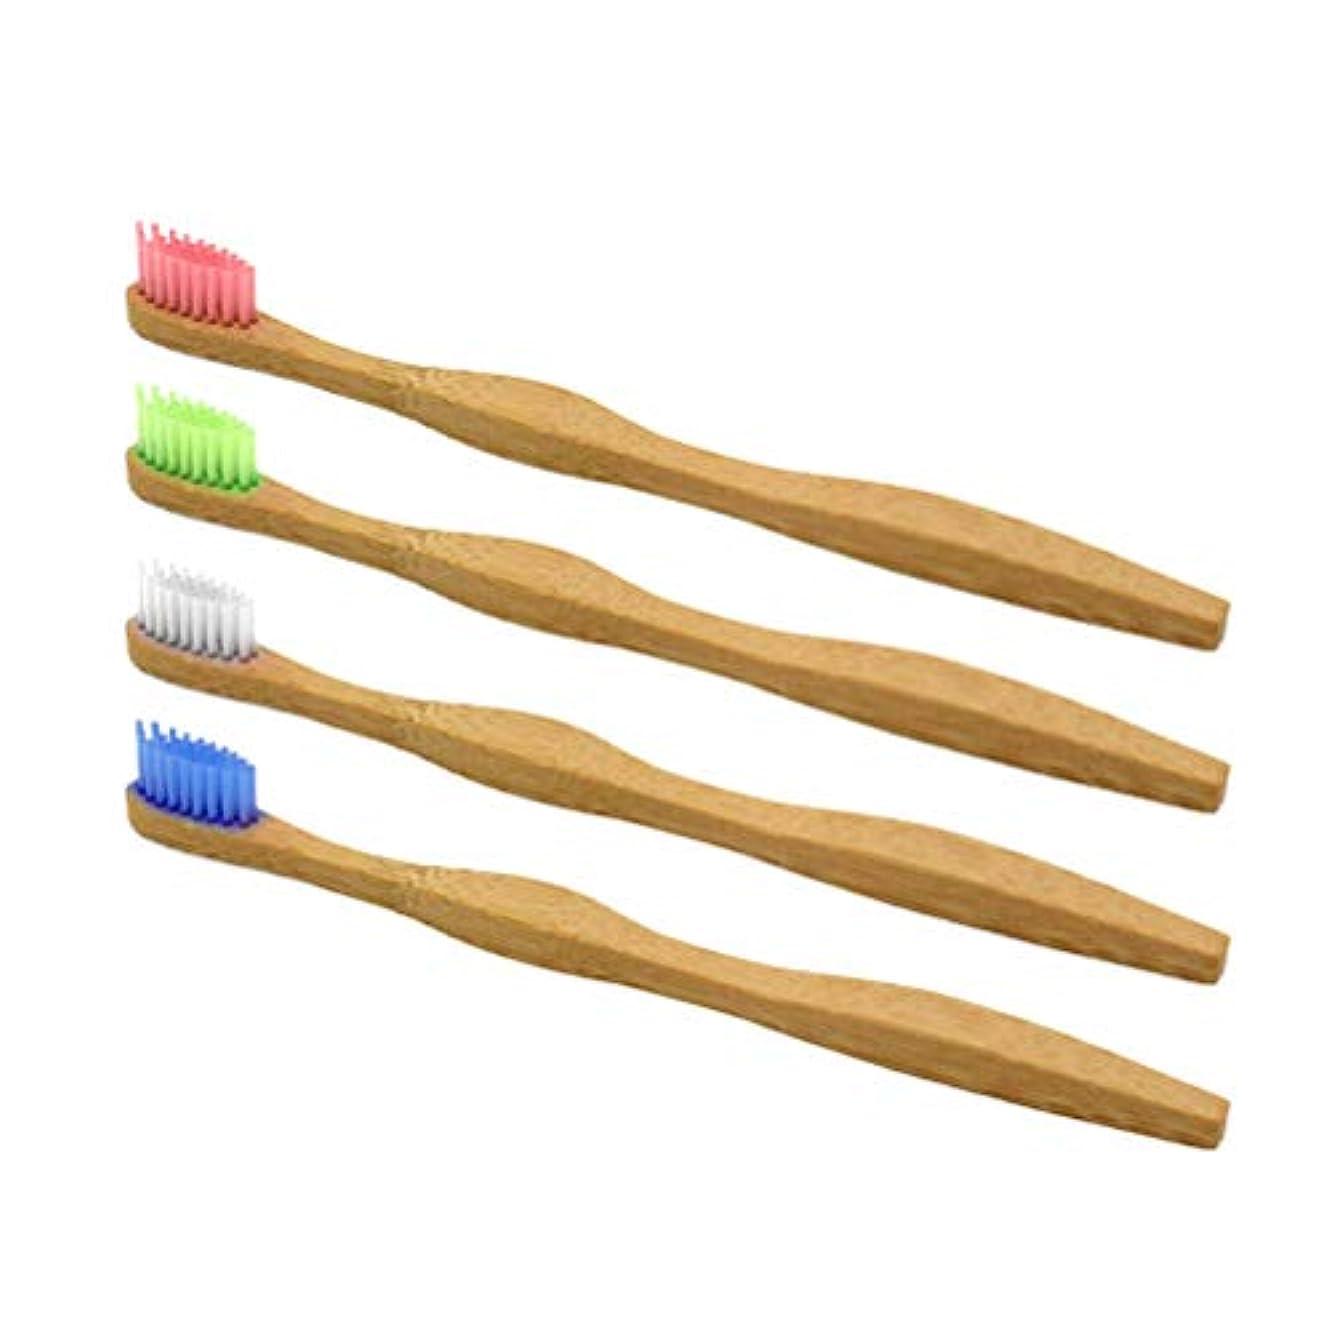 怒りボルトフィッティングHealifty 家庭用およびトラベル用4本(白、青、ピンク、緑)用歯ブラシ竹製歯ブラシ